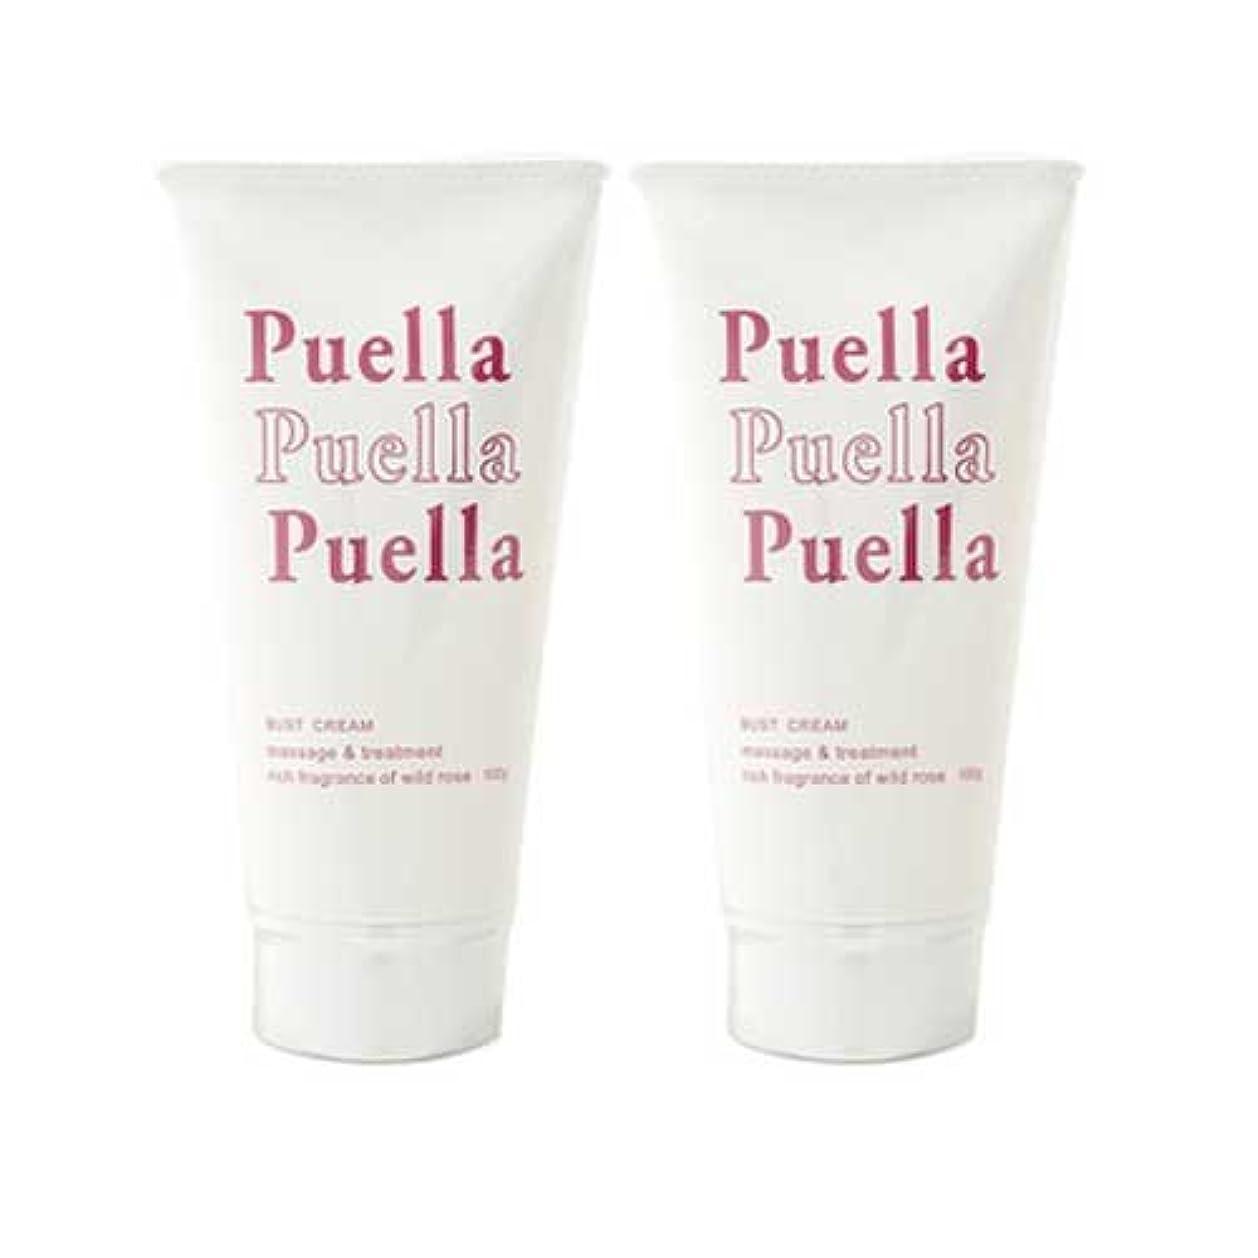 遺伝子インスタンスアクション2個セット puella(プエルラ)